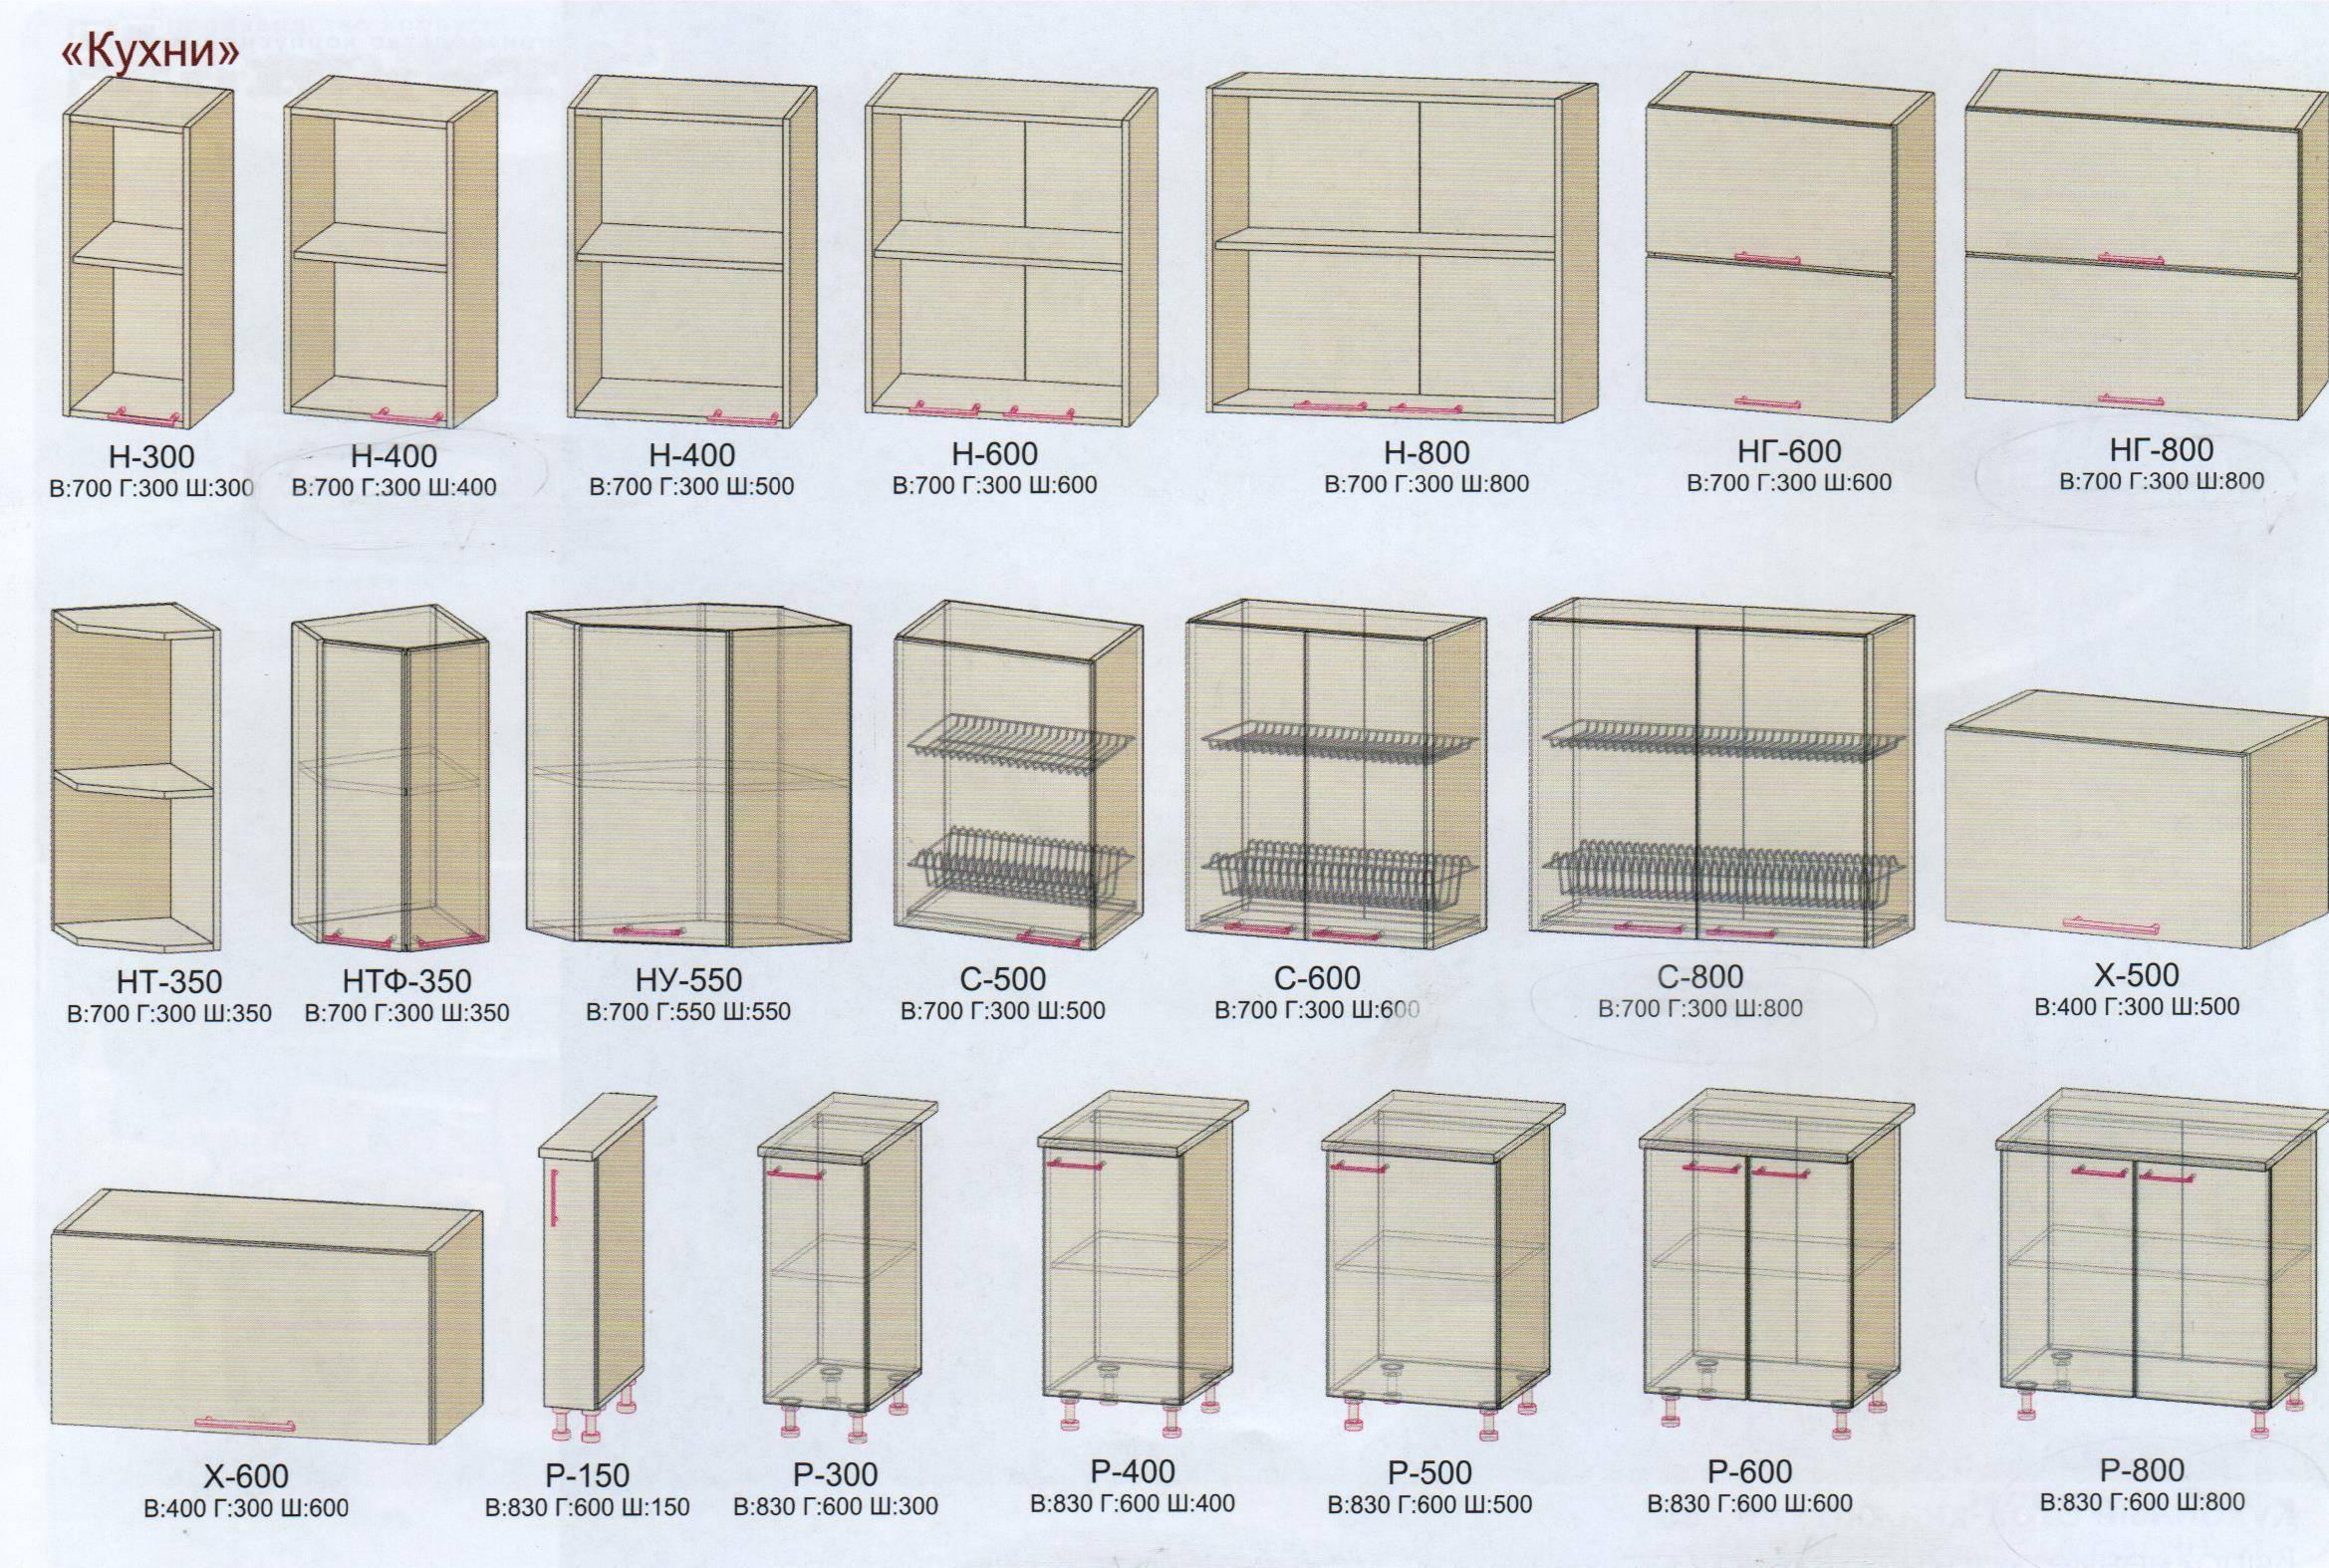 Недорогие модульные (сборные) кухни: виды шкафов, принцип компоновки. модульные кухни – что это? чем модульная кухня отличается от кухни гарнитура